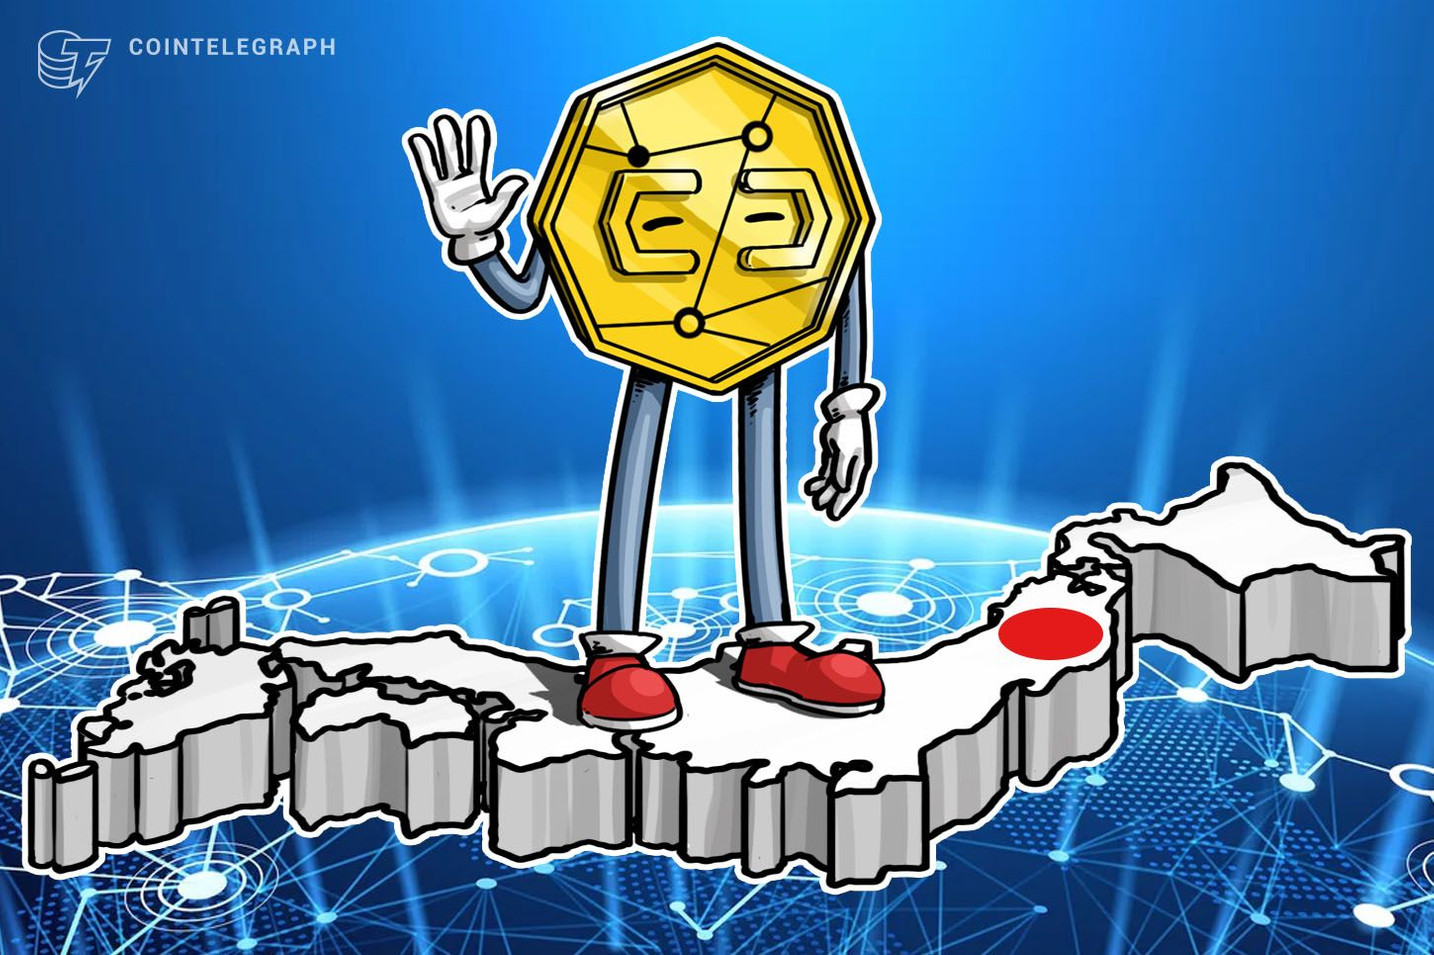 仮想通貨取引所ディーカレット、ブロックチェーン上でデジタルクーポン発行 |会津若松市でサービス提供